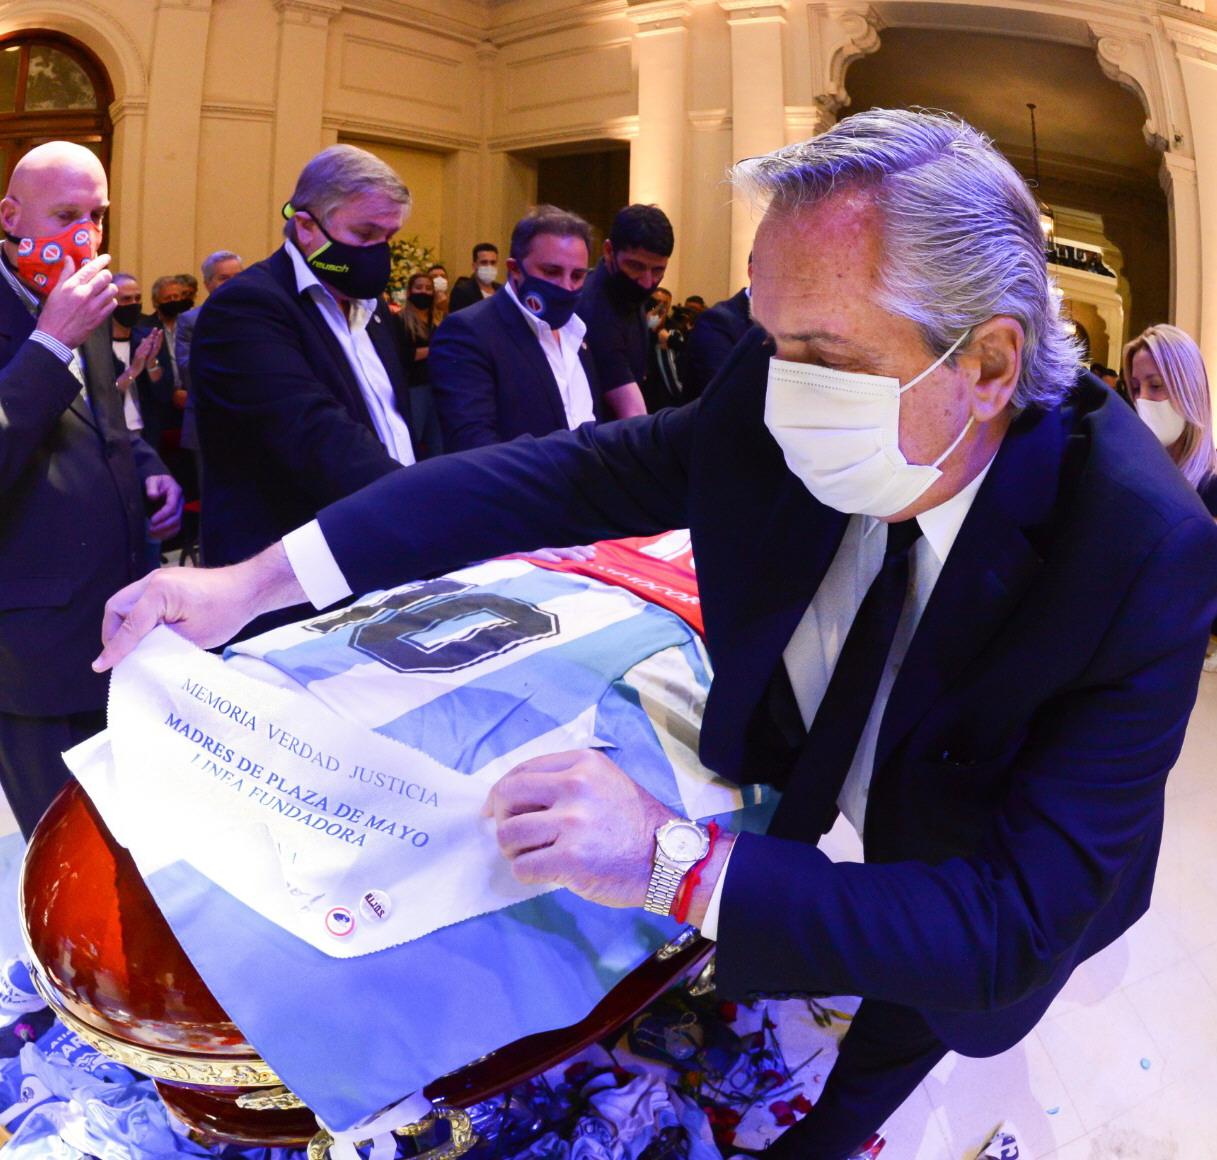 Alberto Fernández colocando el pañuelo de Madres de Plaza de Mayo. FOTO: PRESIDENCIA